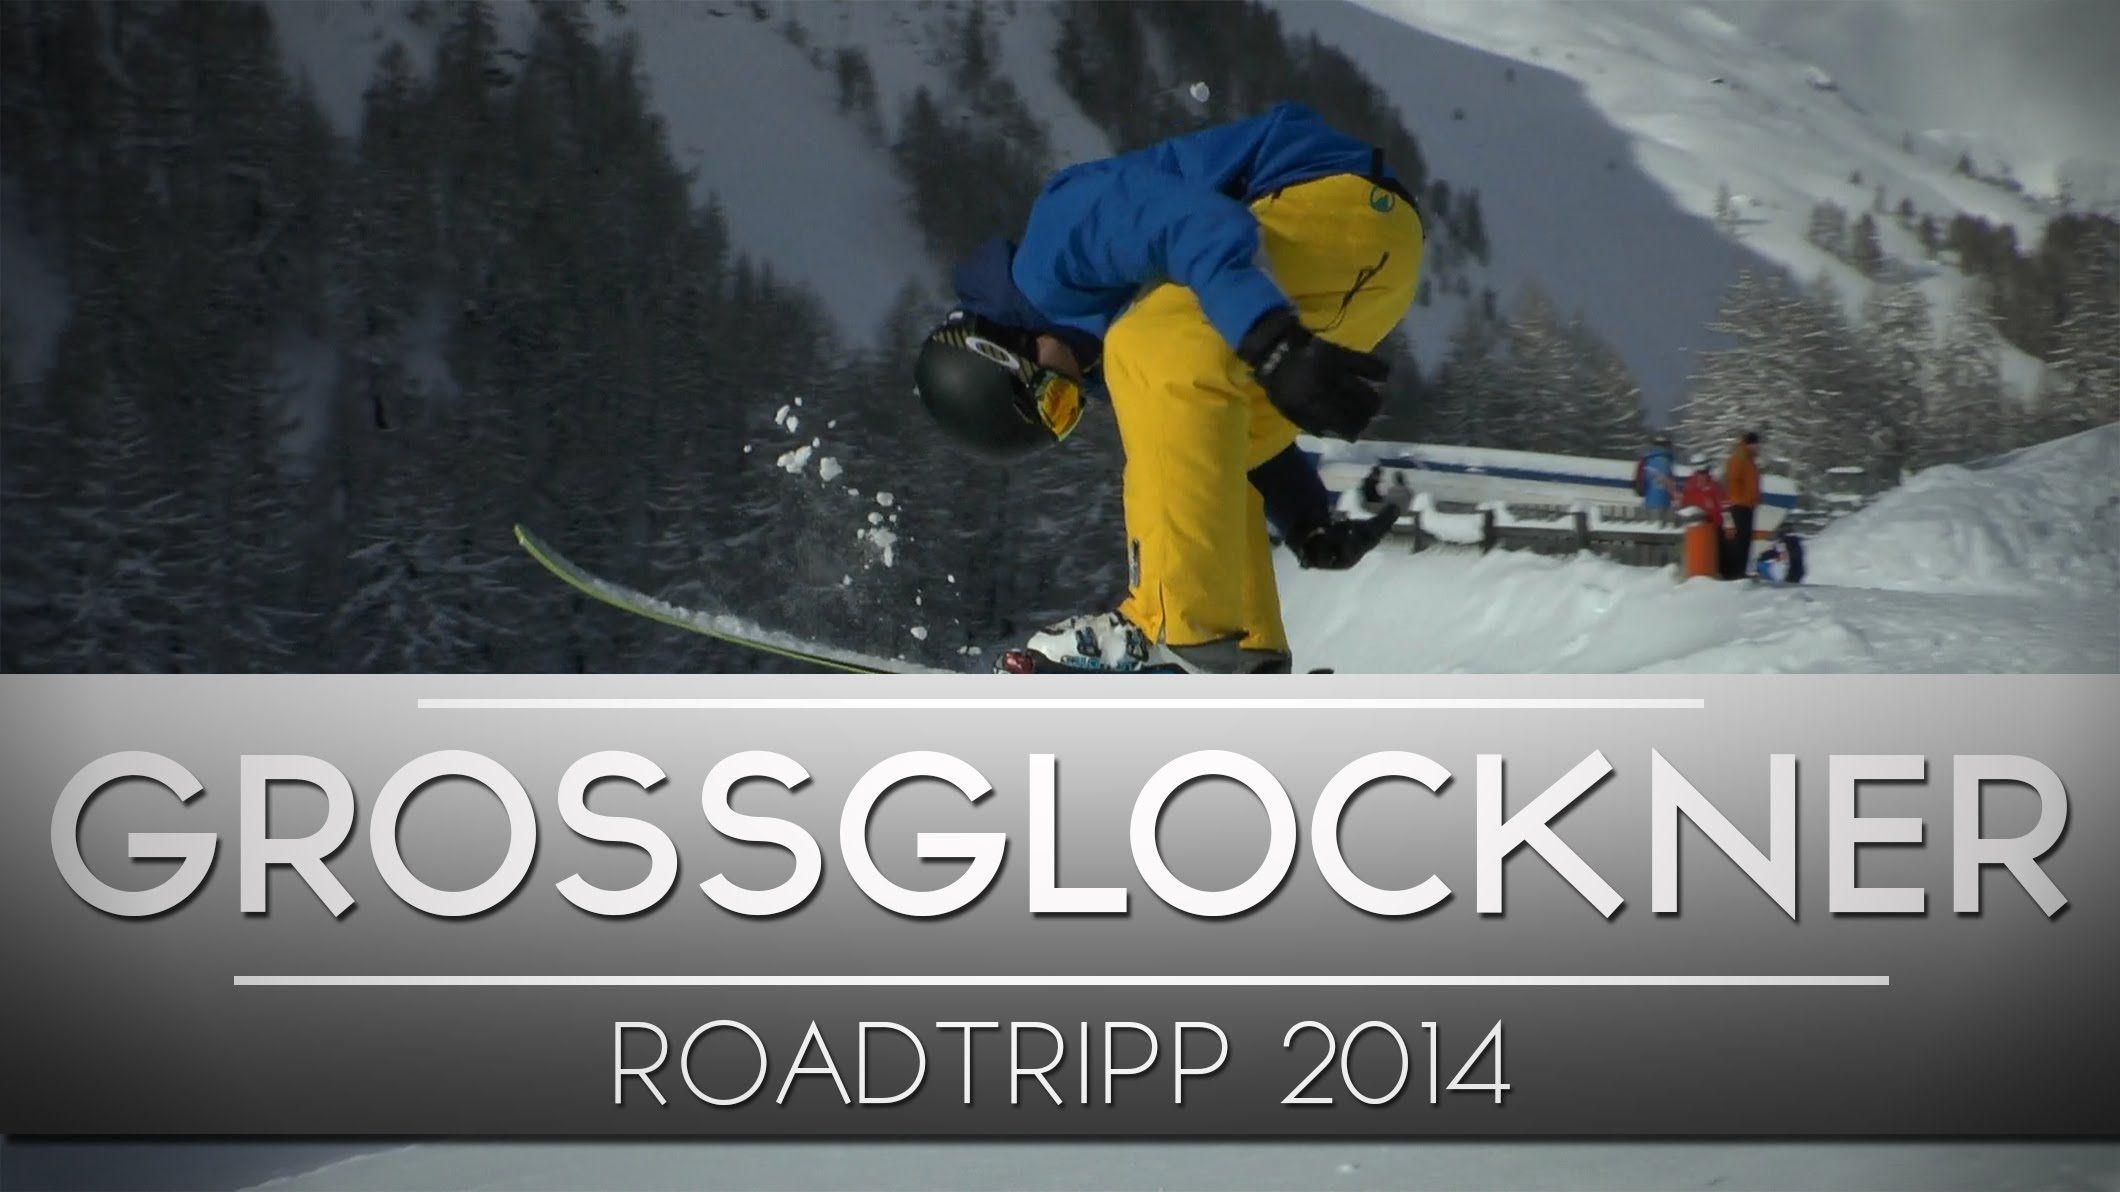 Grossglockner Roadtrip | Powder at Matrei & Heiligenblut | GoPro 3